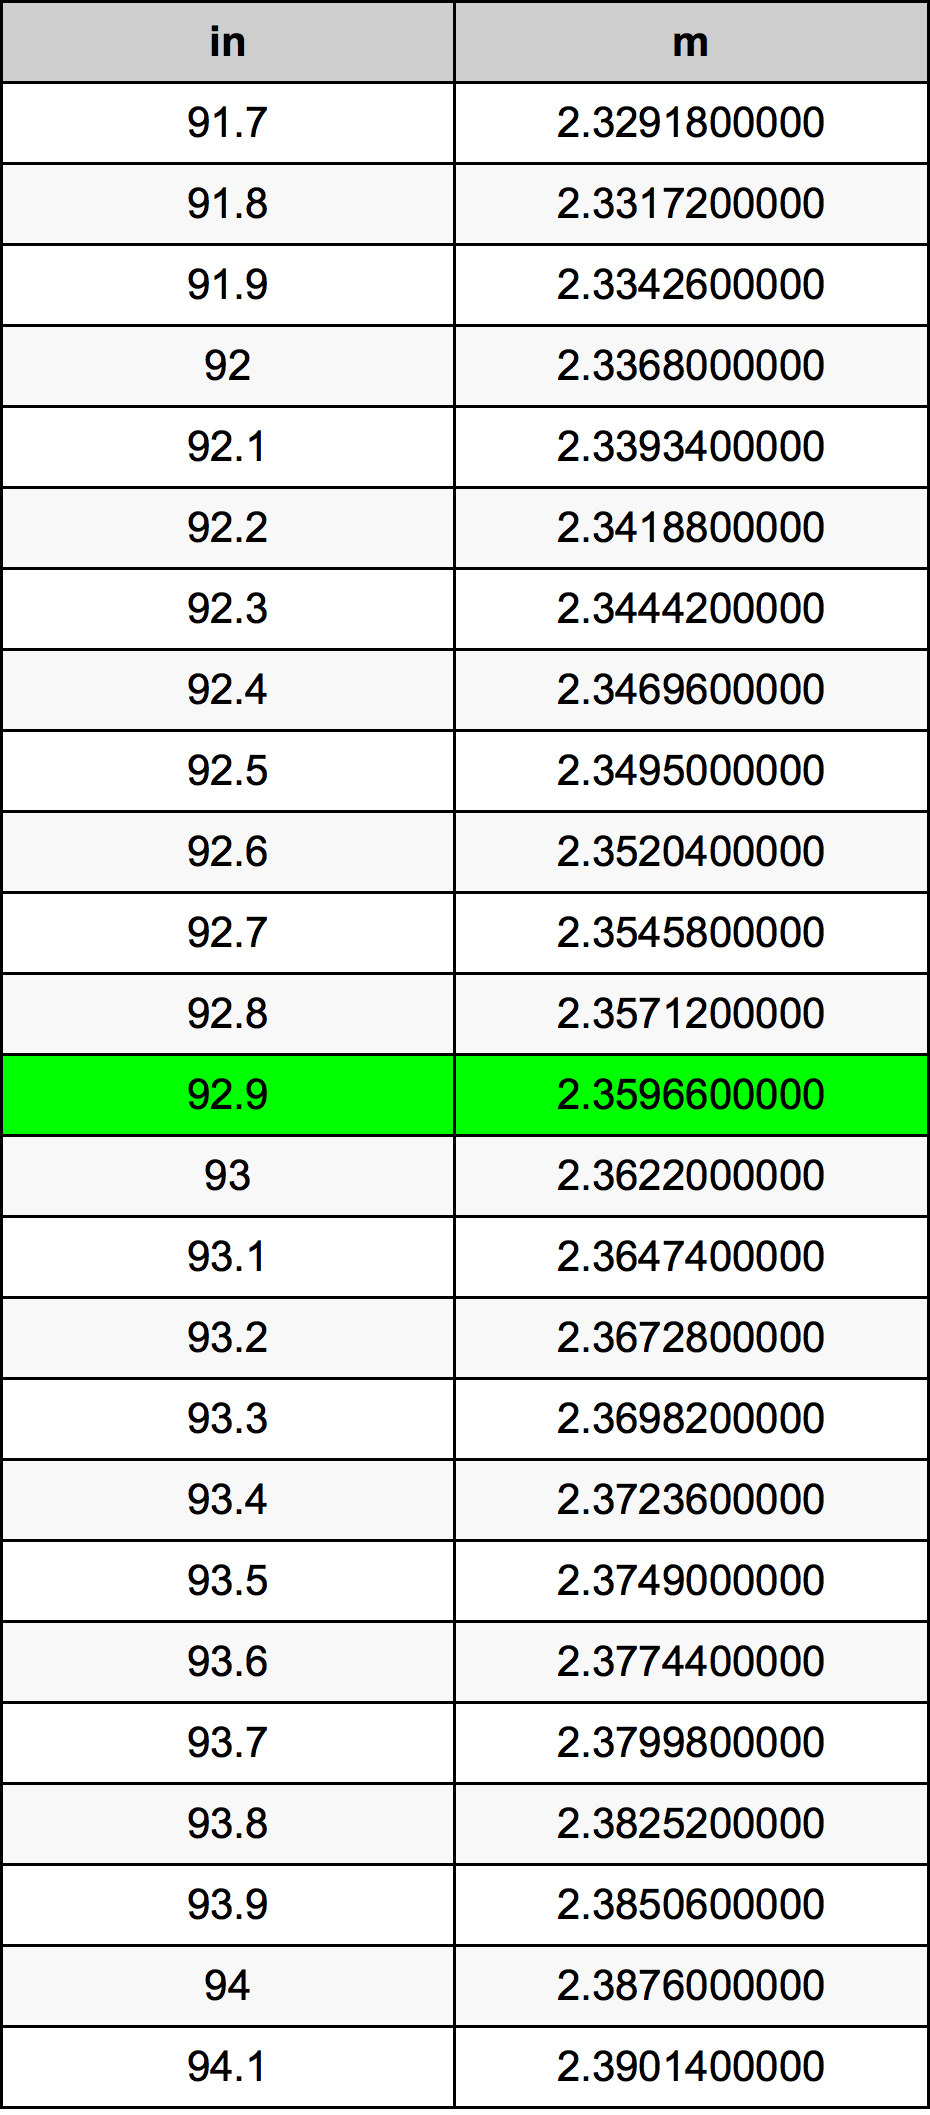 92.9 Inç Table